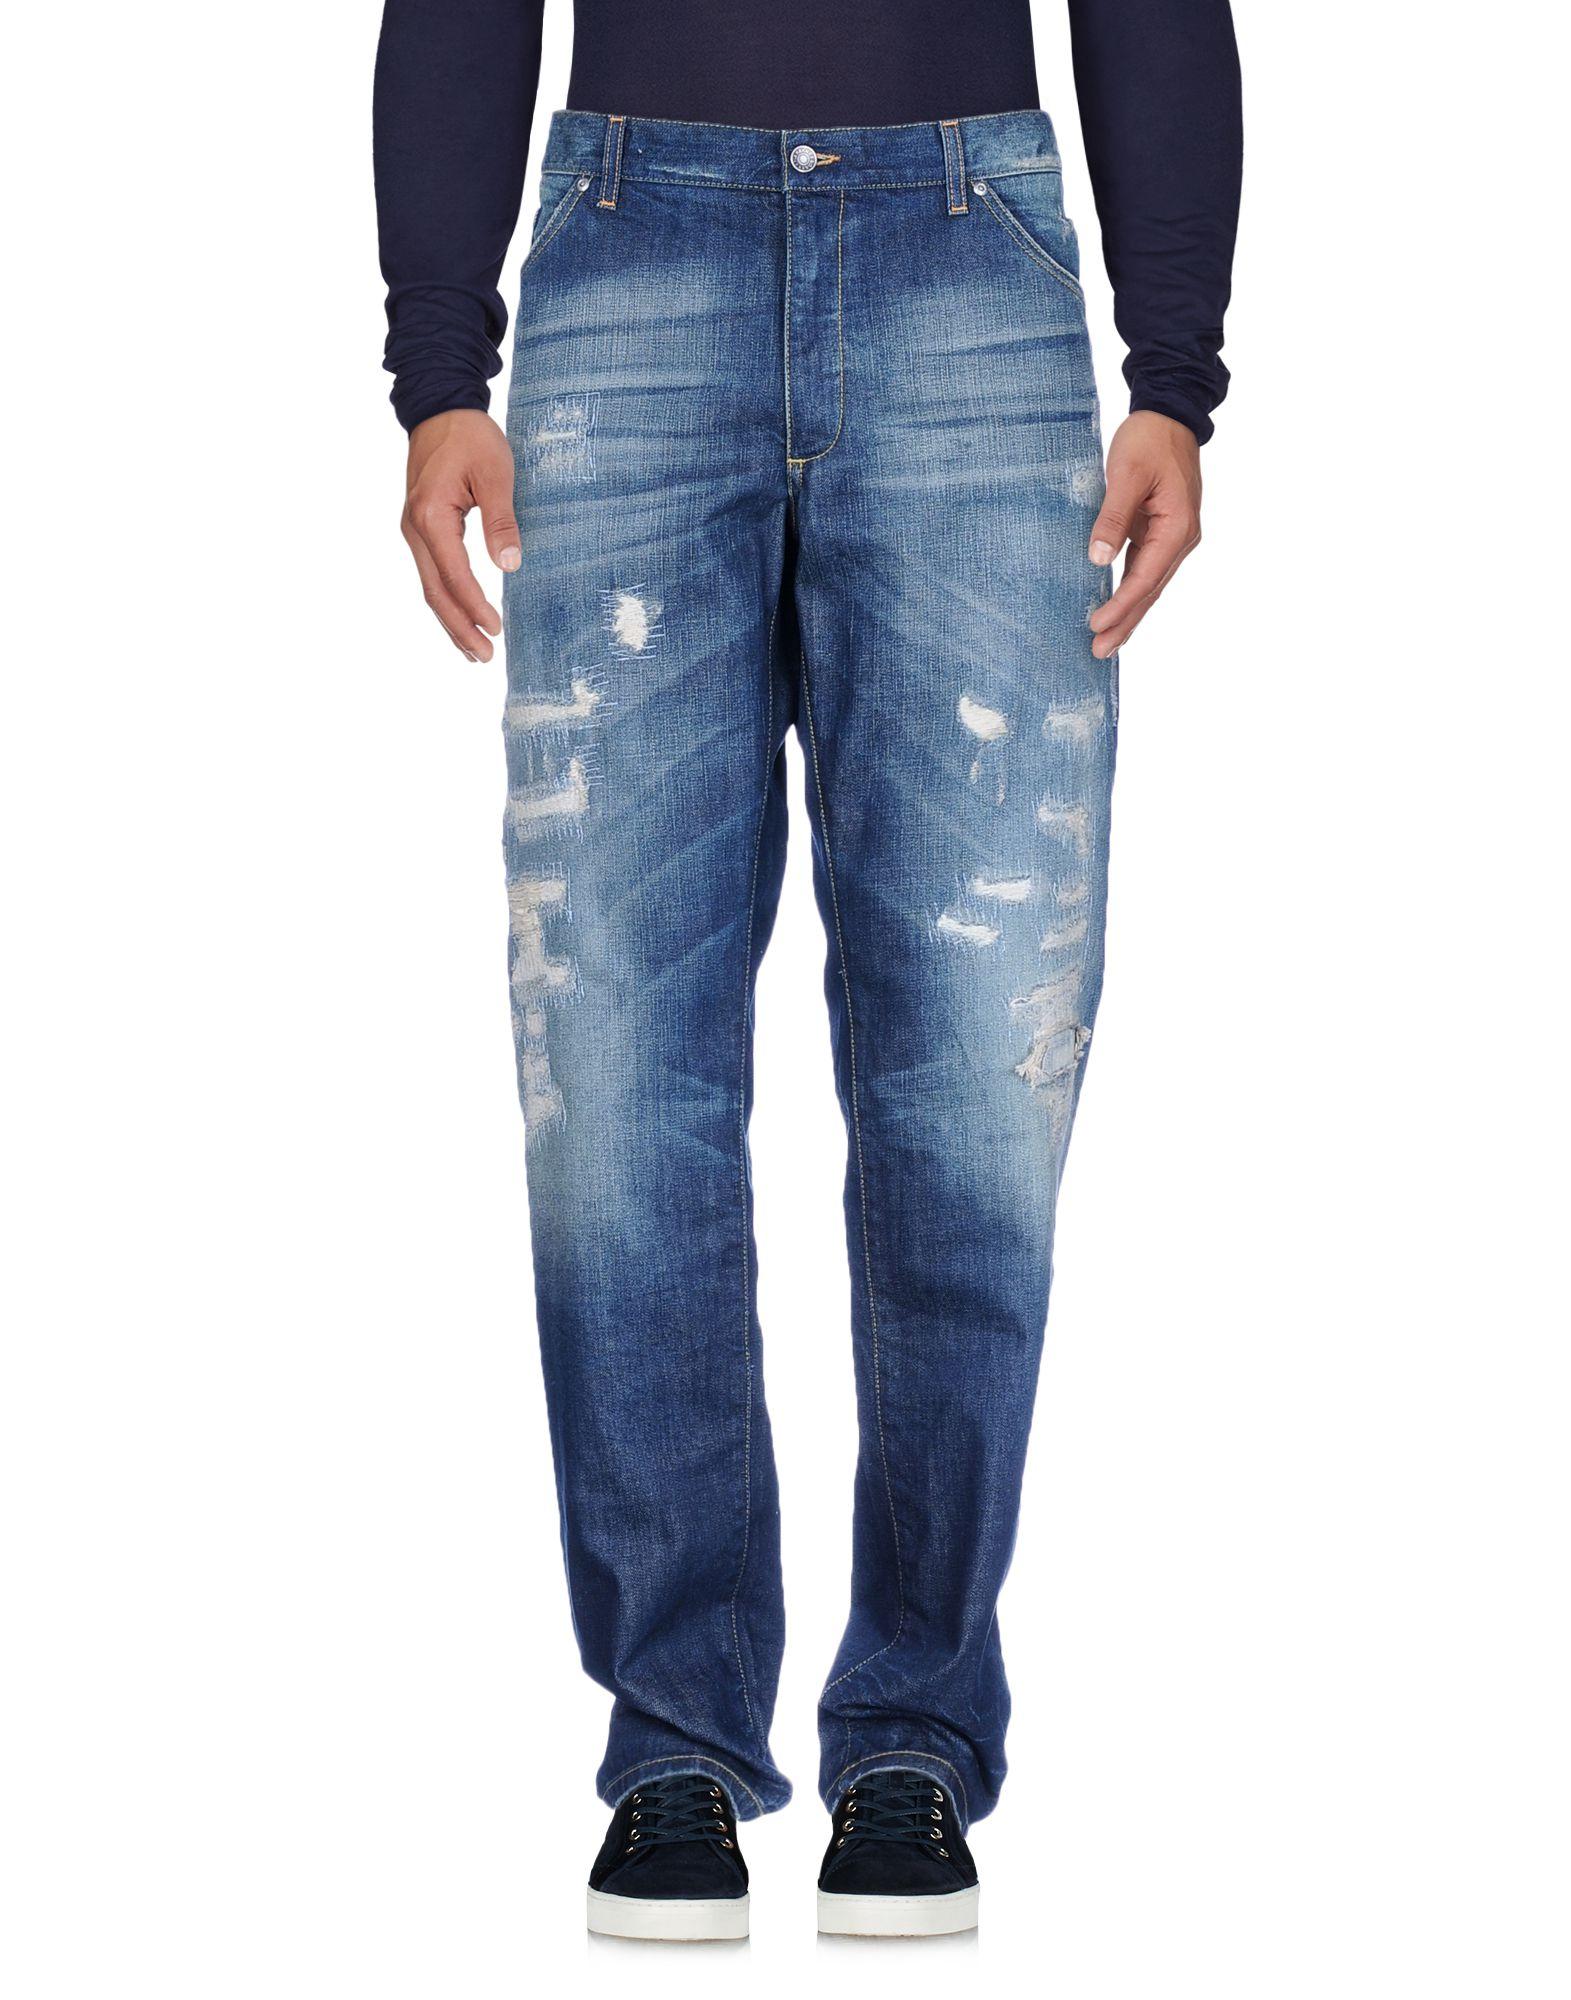 Pantaloni Jeans Dolce & Gabbana Uomo - - - 42678808DW a0db65